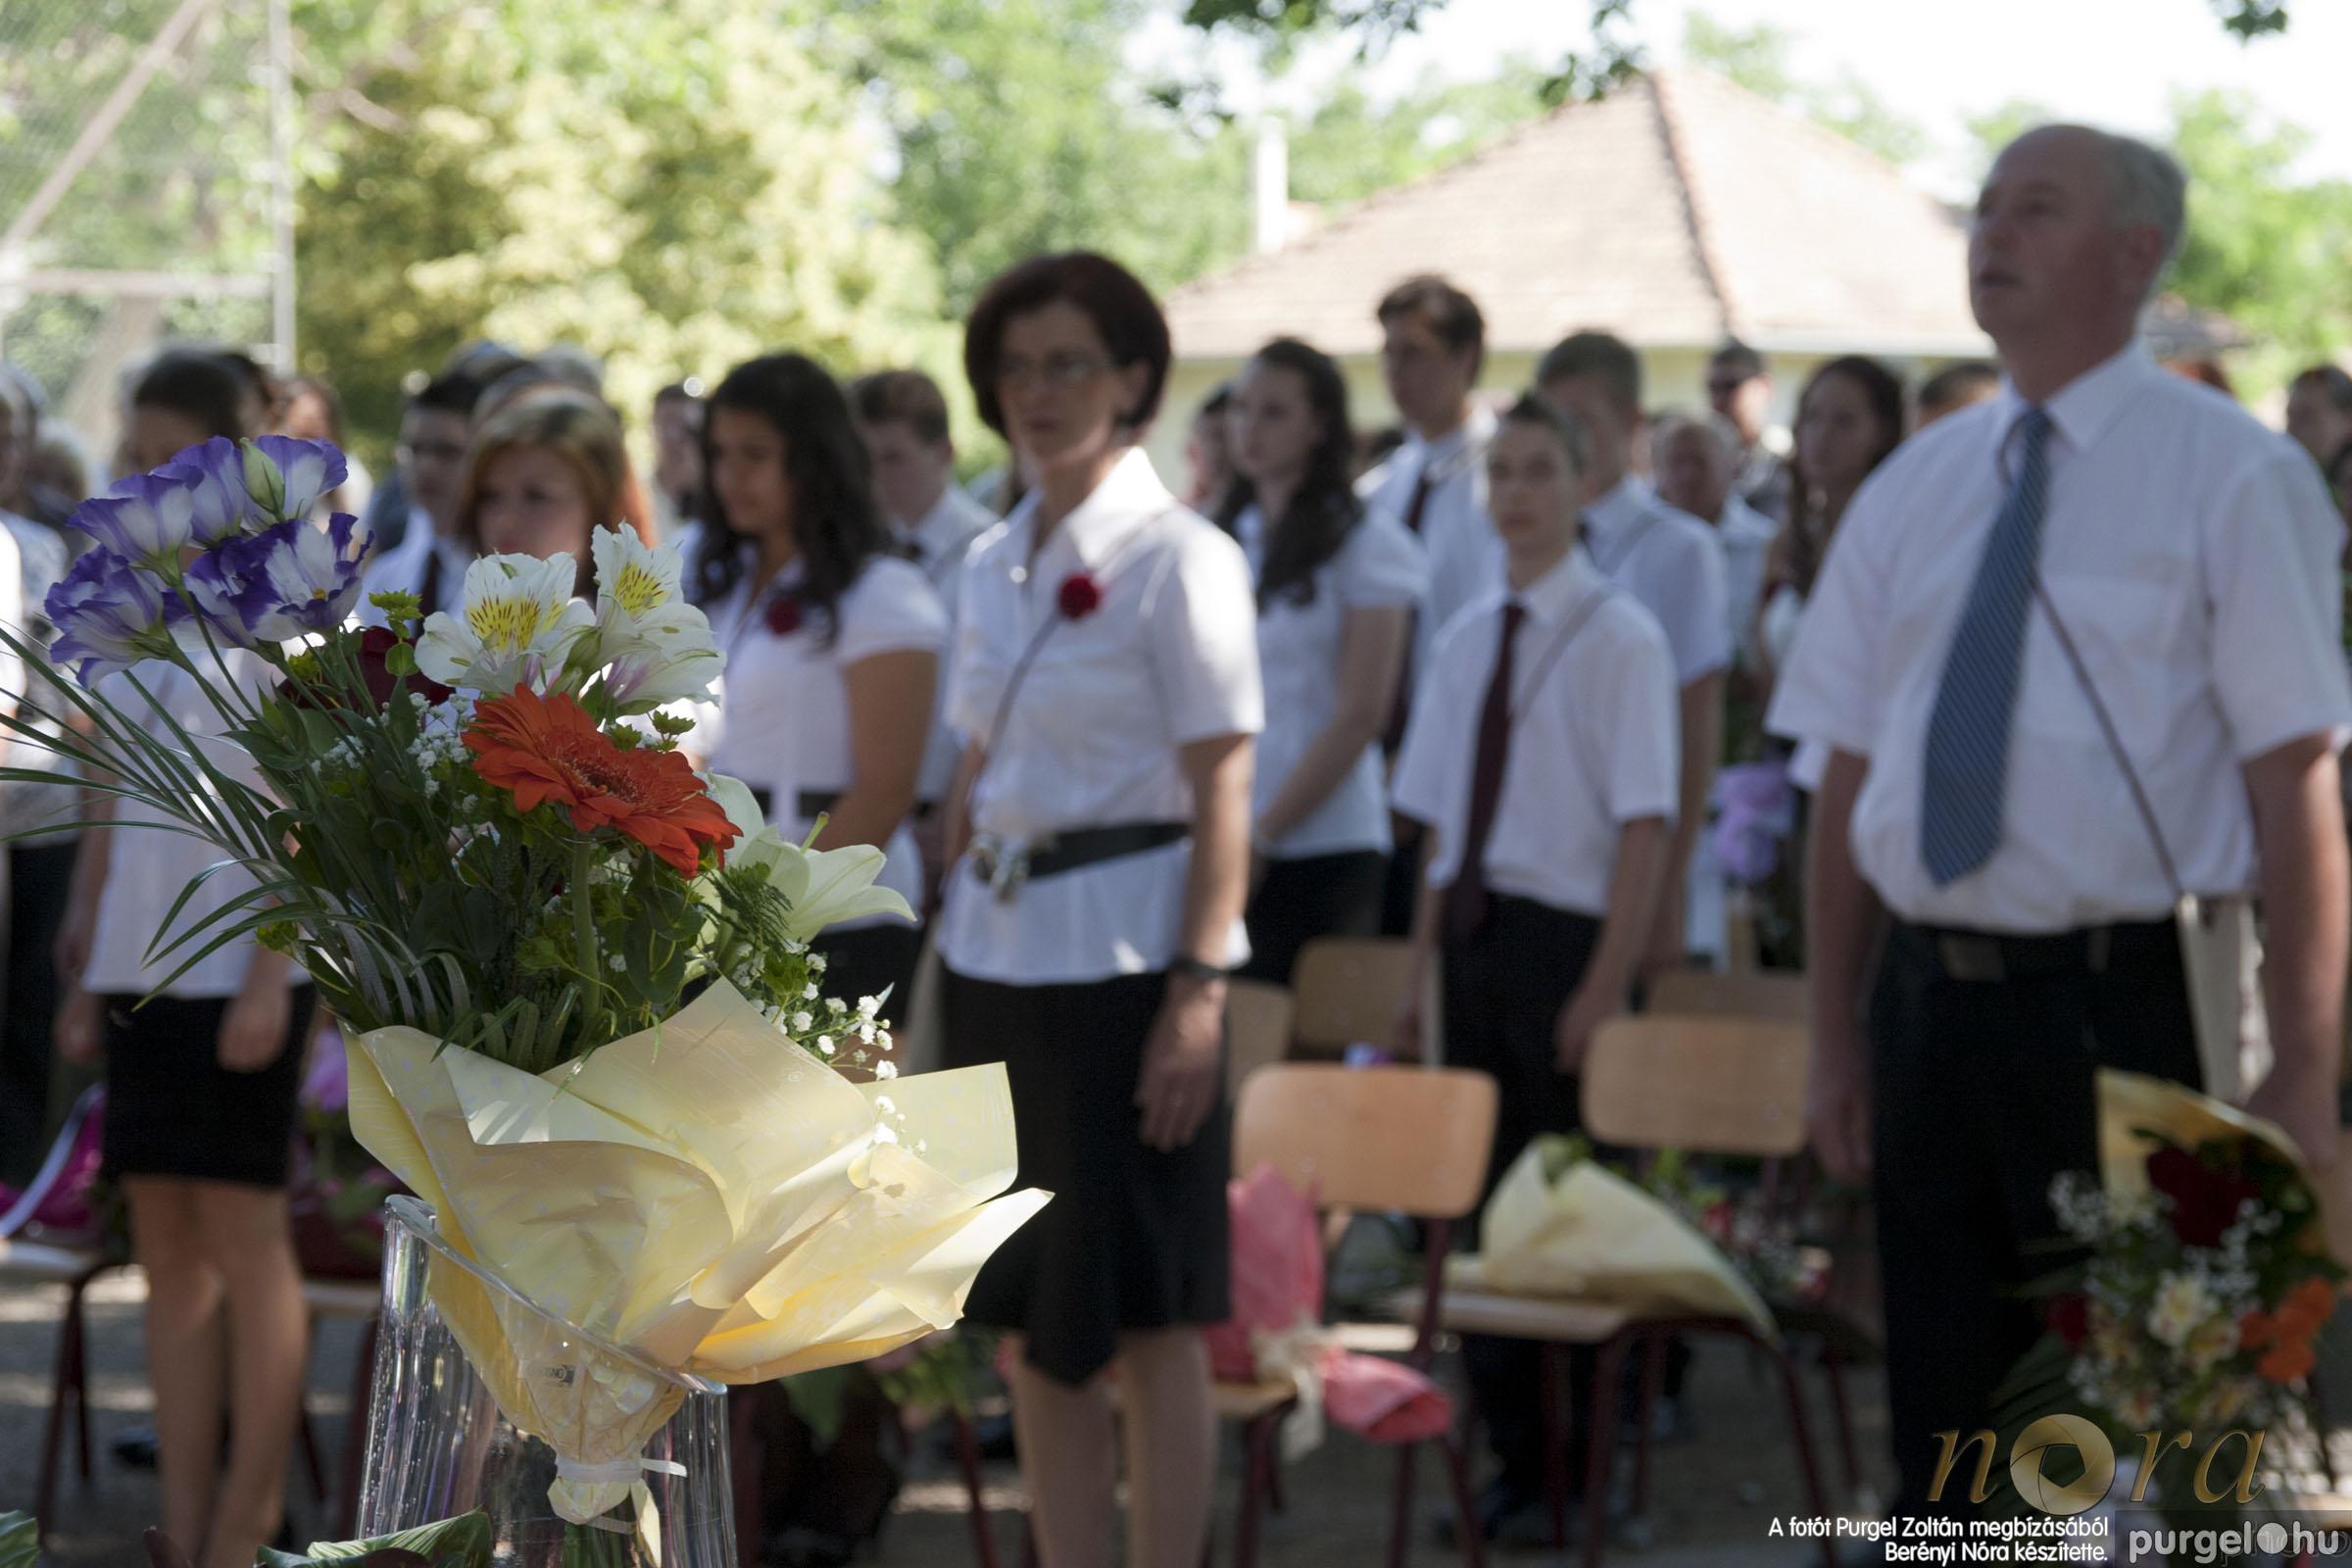 2013.06.15. 170 Forray Máté Általános Iskola ballagás 2013. - Fotó:BERÉNYI NÓRA© _MG_1183.JPG